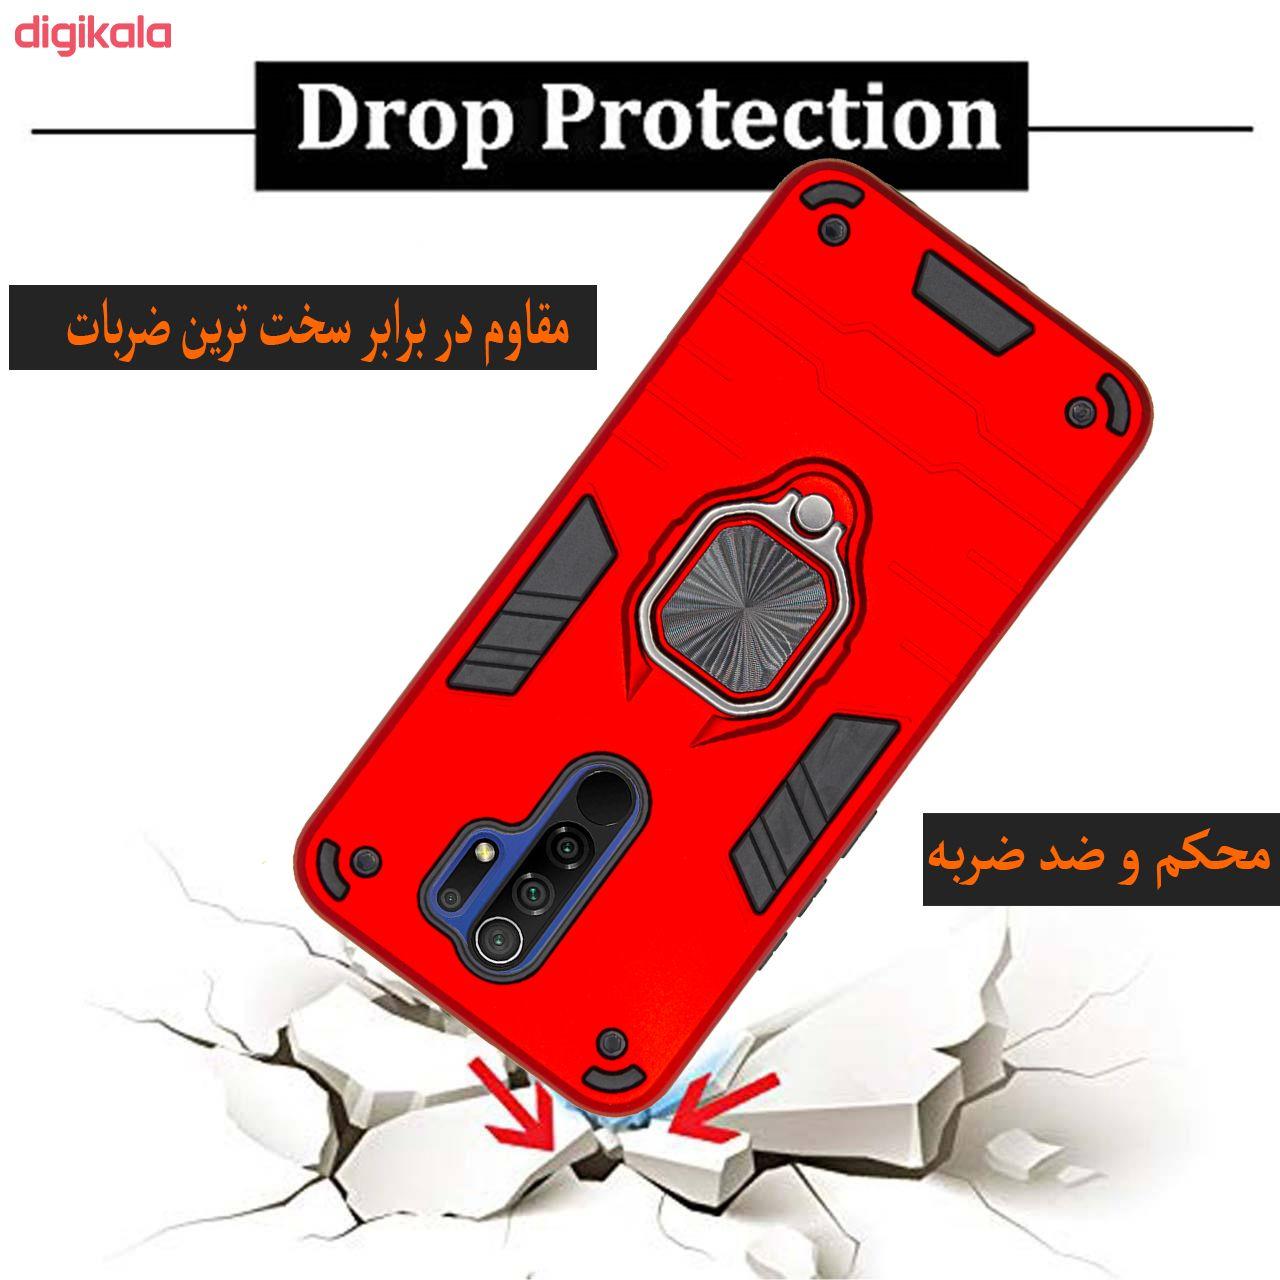 کاور کینگ پاور مدل ASH22 مناسب برای گوشی موبایل شیائومی Redmi 9 / Redmi 9 Prime main 1 3